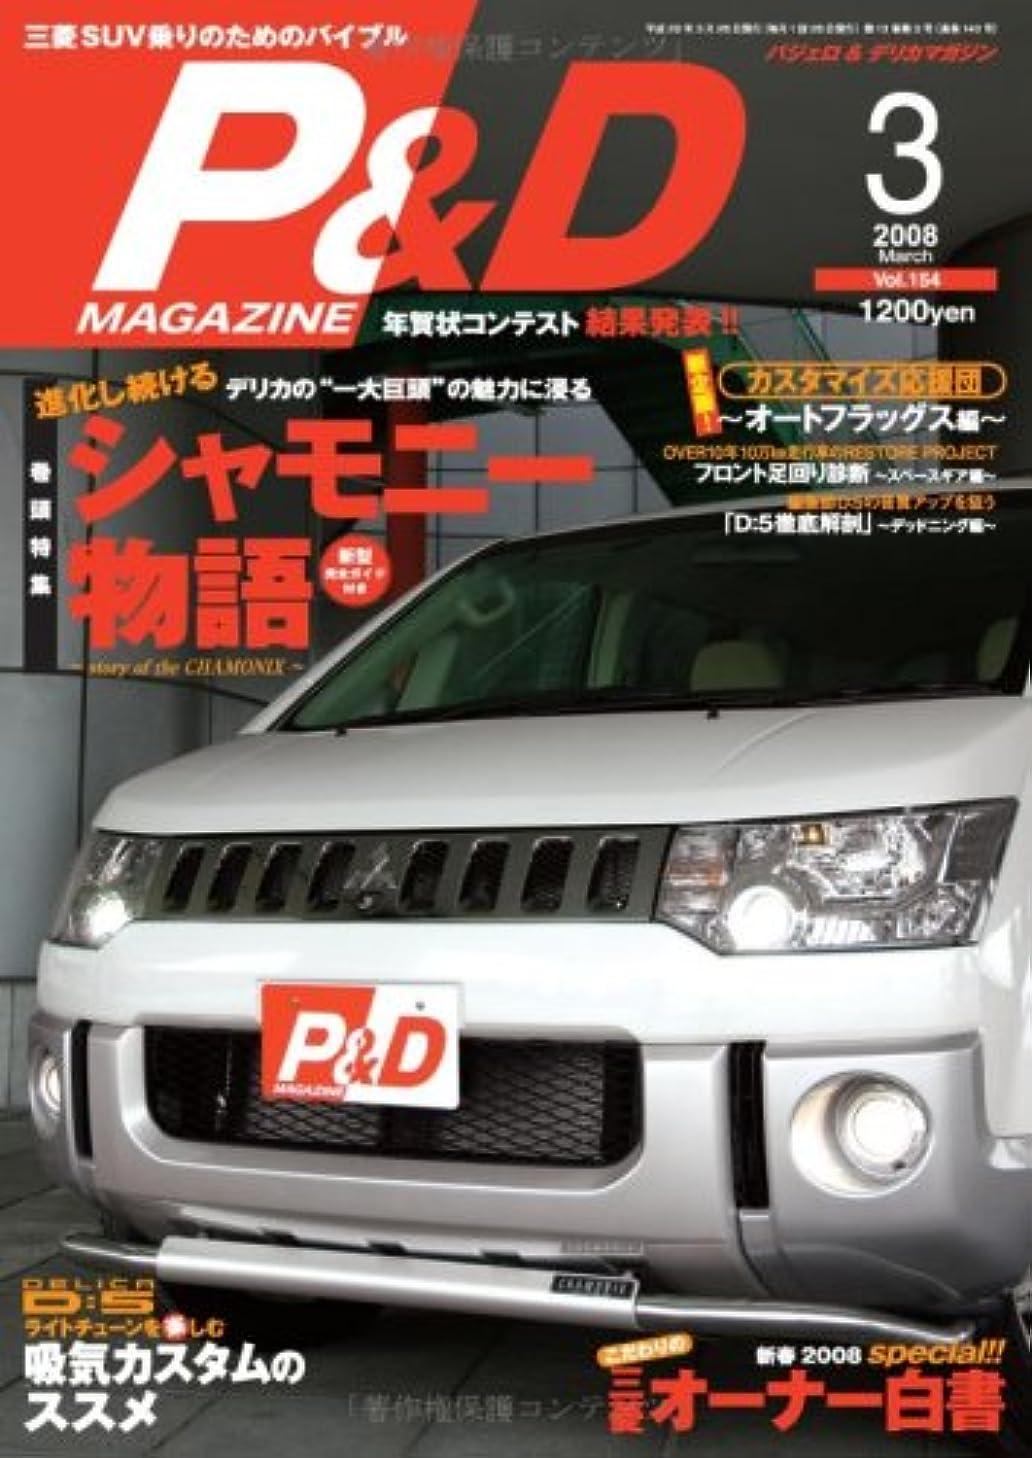 医学クール薬局P&D MAGAZINE (マガジン) 2008年 03月号 [雑誌]